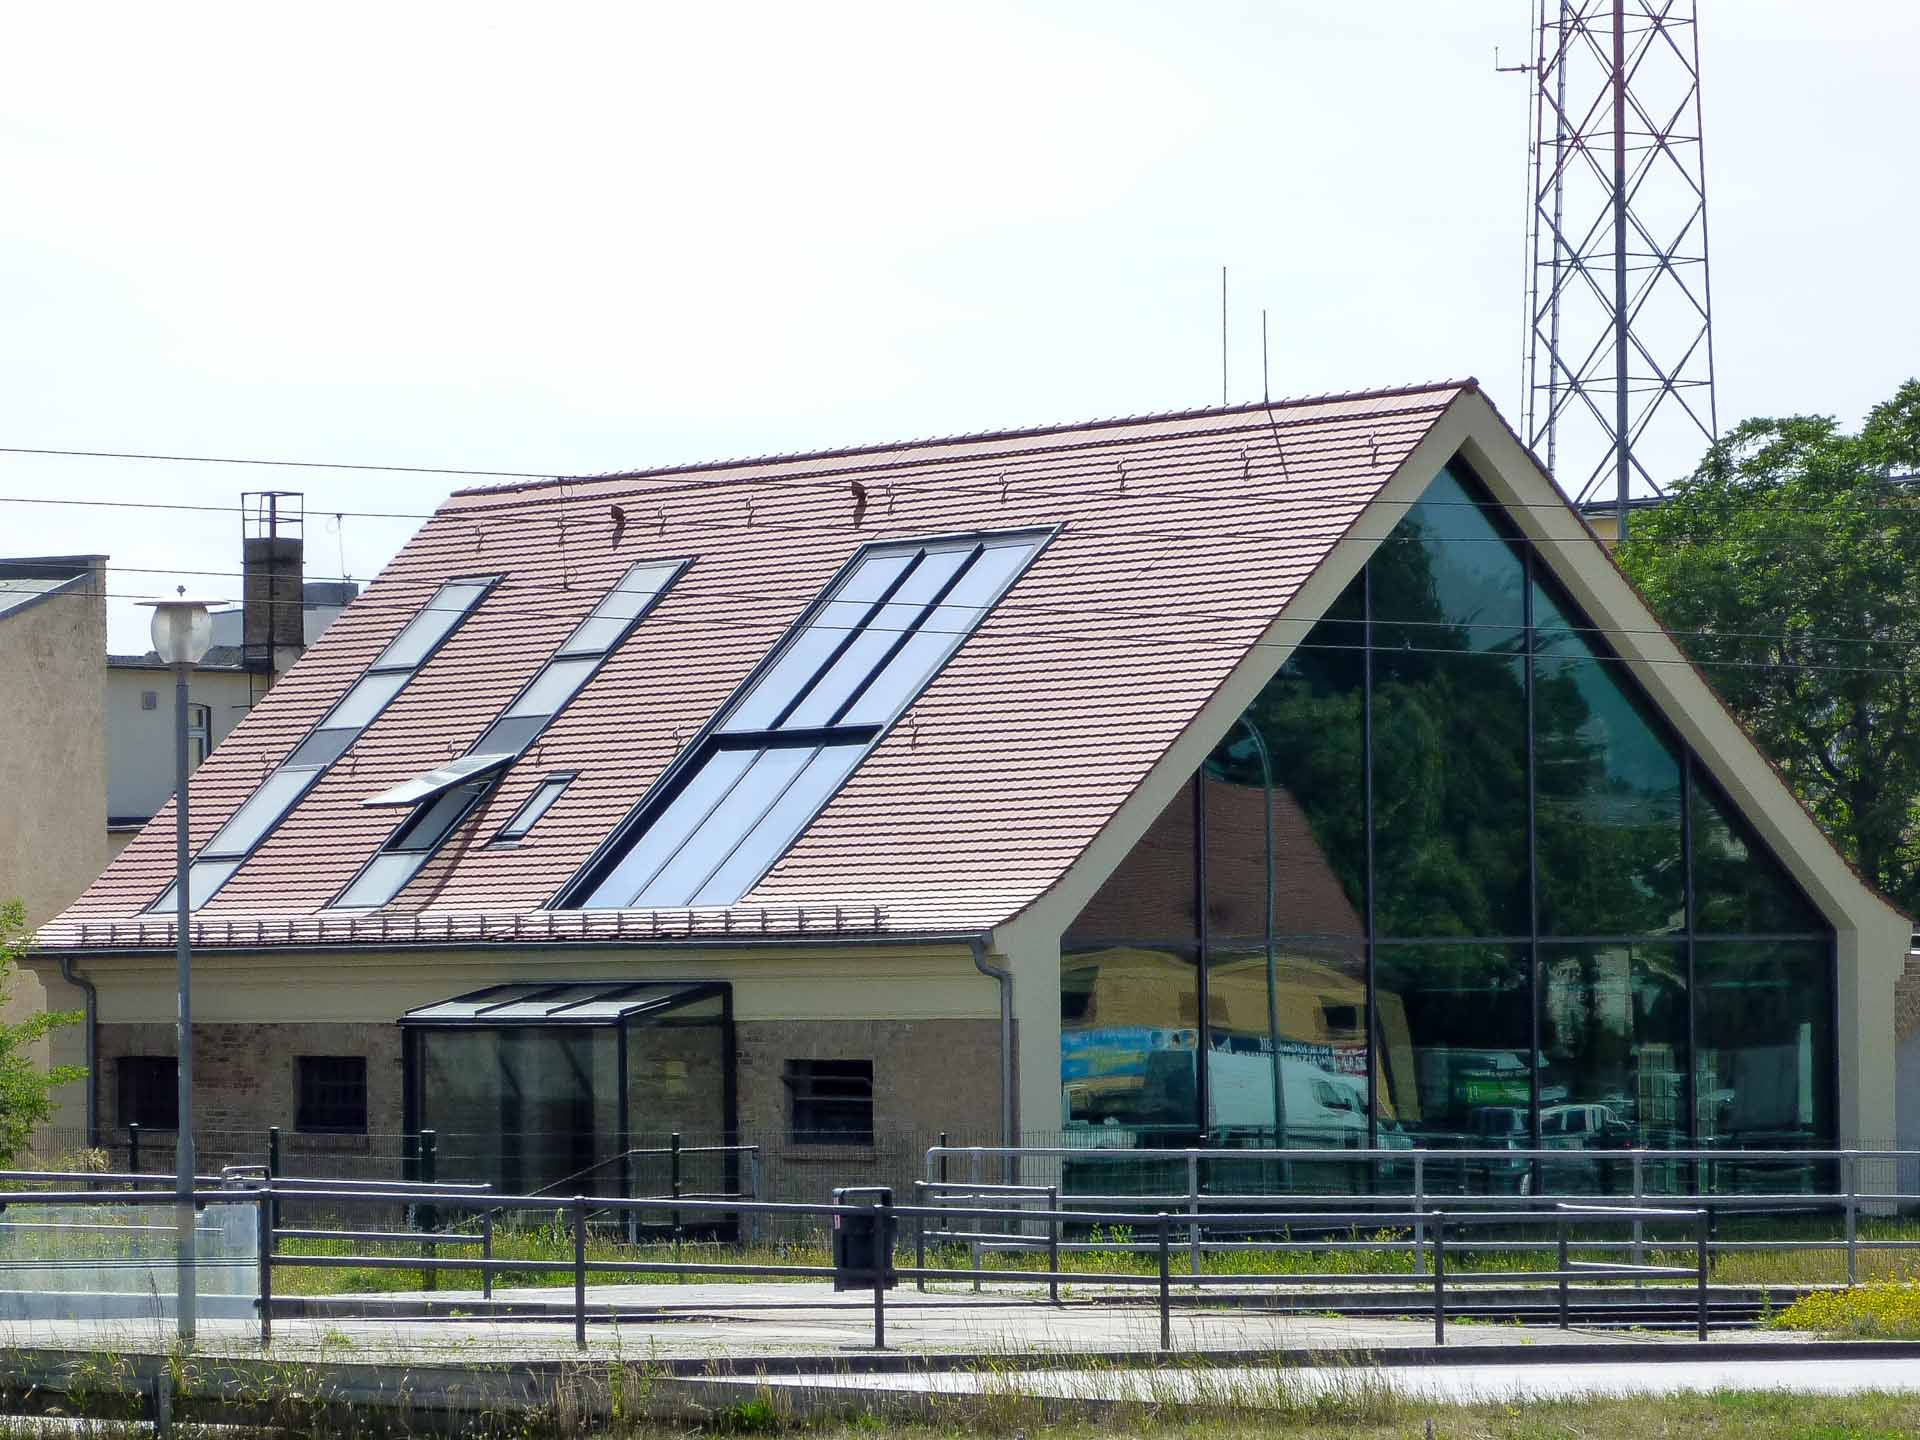 2-teiliges OpenAir Dachschiebefenster in Potsdam (Objekt 1127). Auf beiden Seiten des Satteldaches wurden OpenAir Dachschiebefenster - 350 cm breit und 680 cm hoch - integirert und fluten so das Dachgeschoß mt Licht.